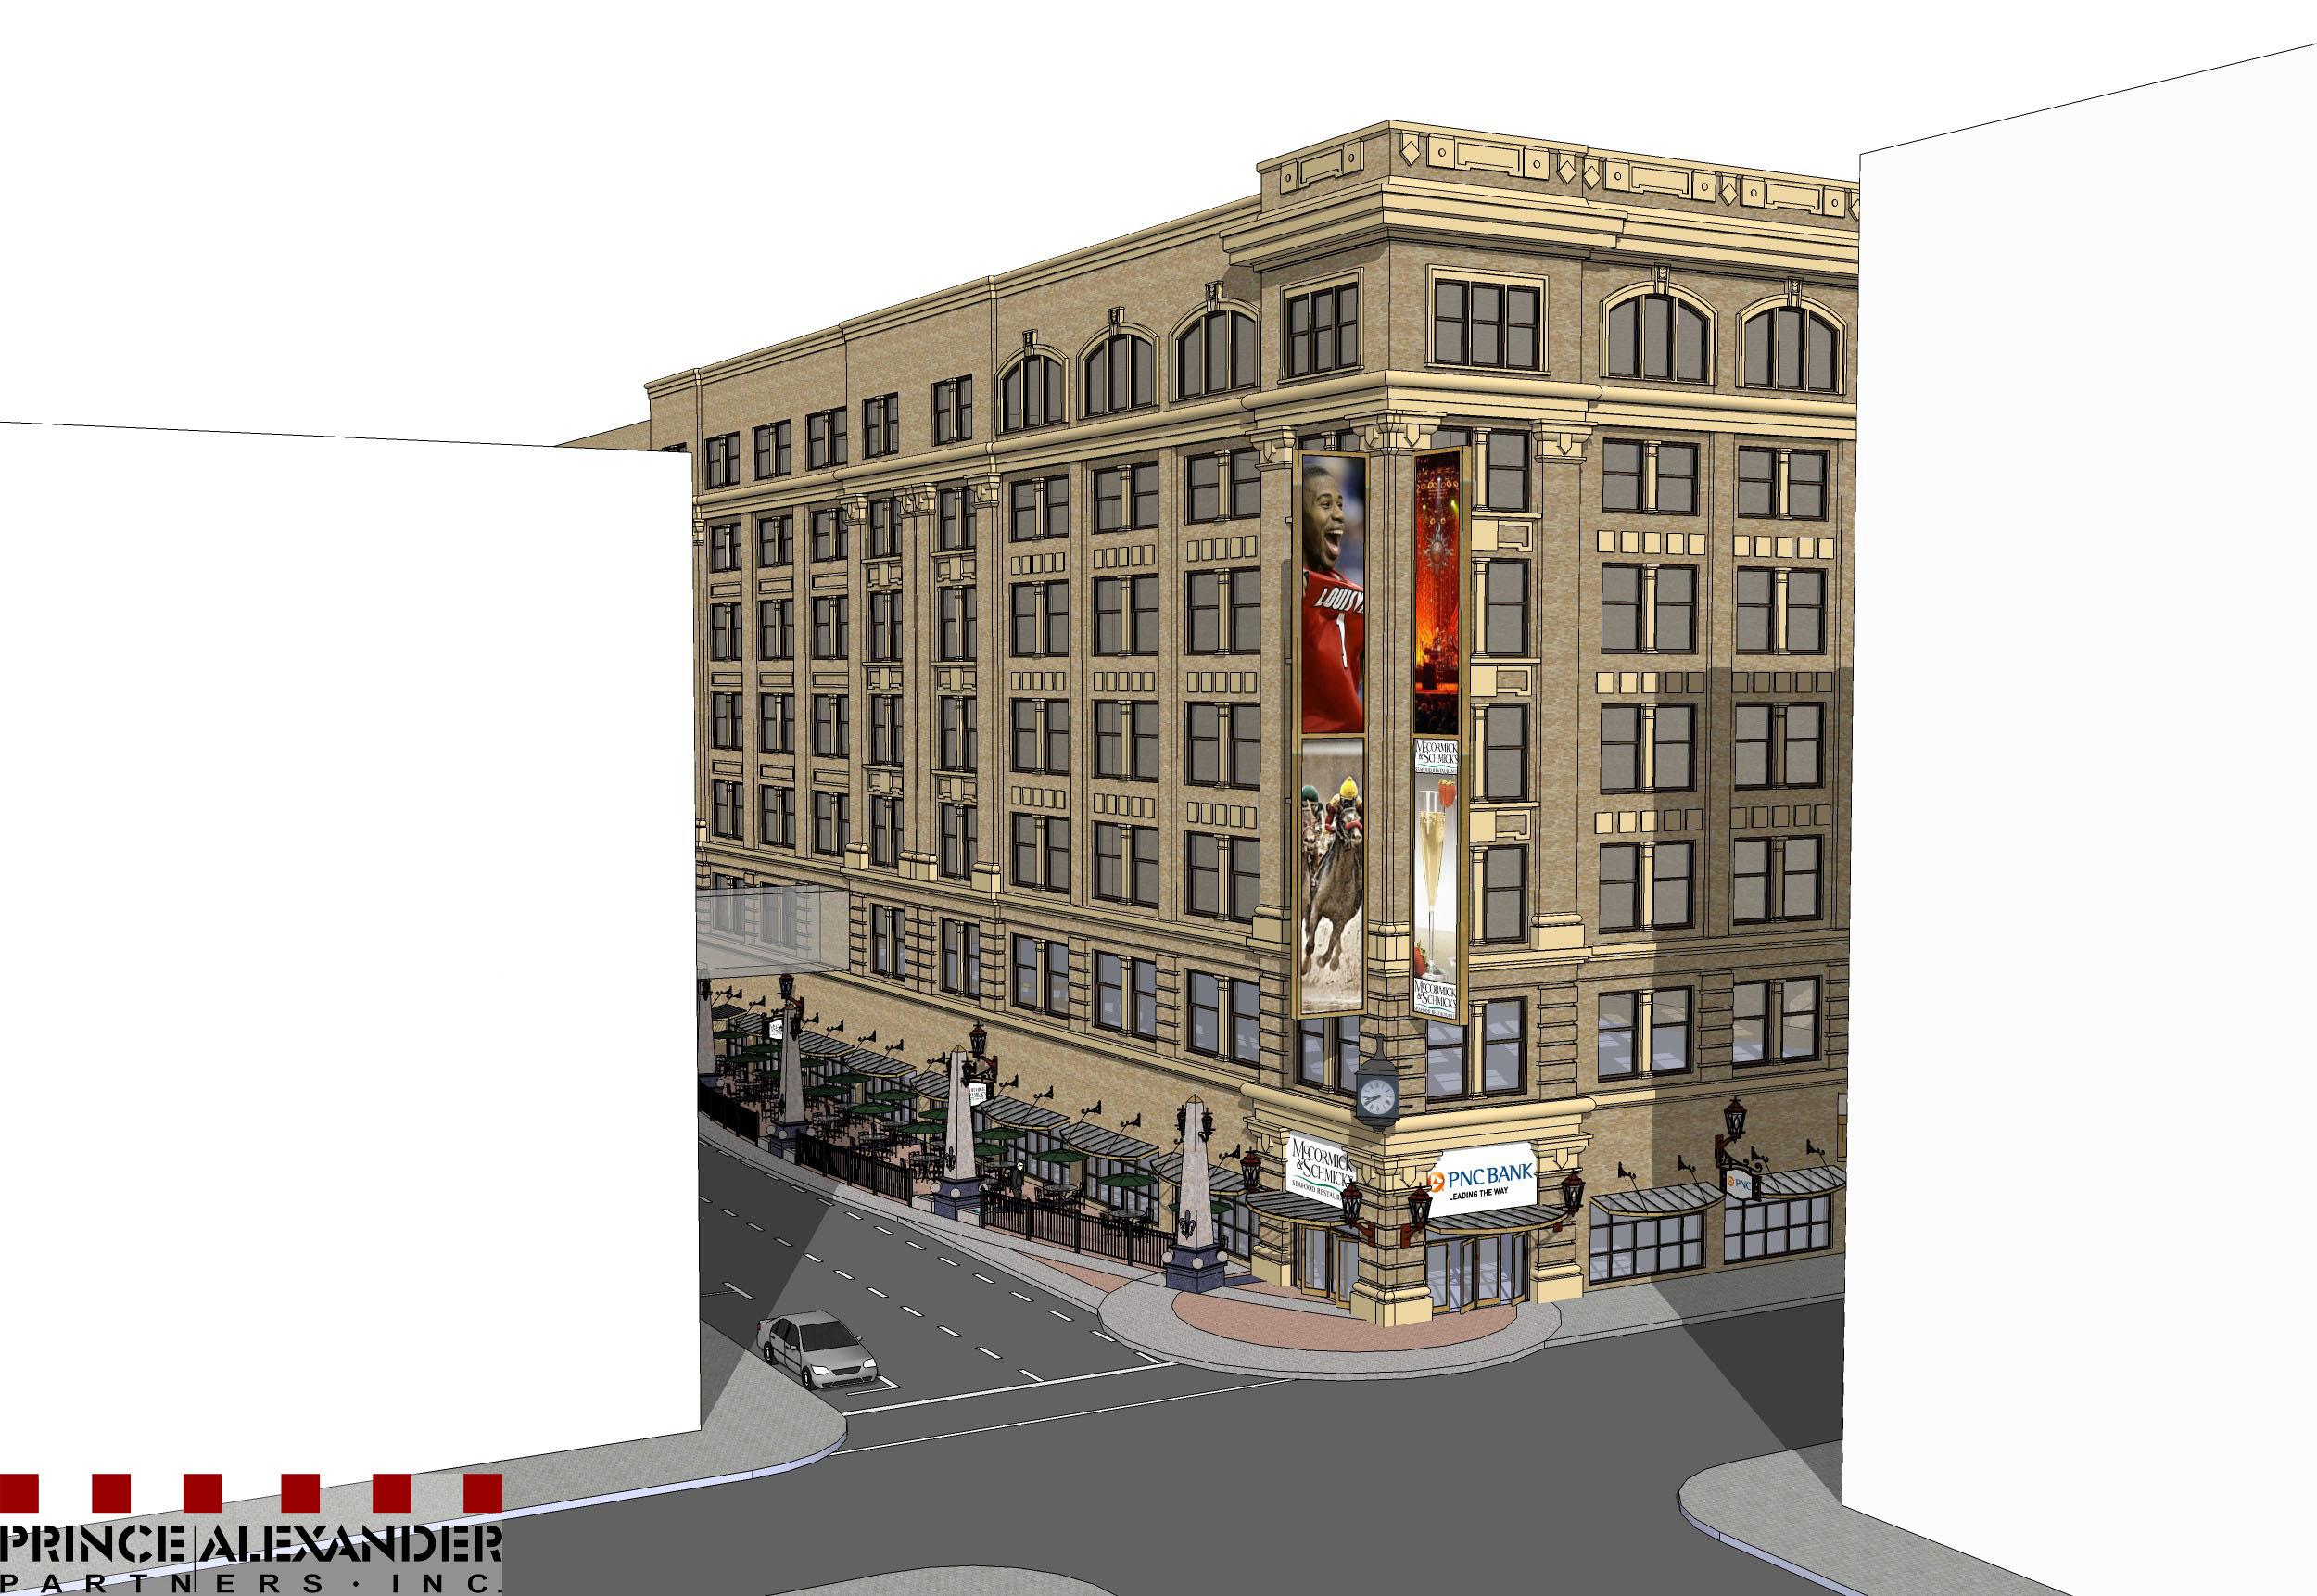 Embassy Suites_1-4-10_4.jpg